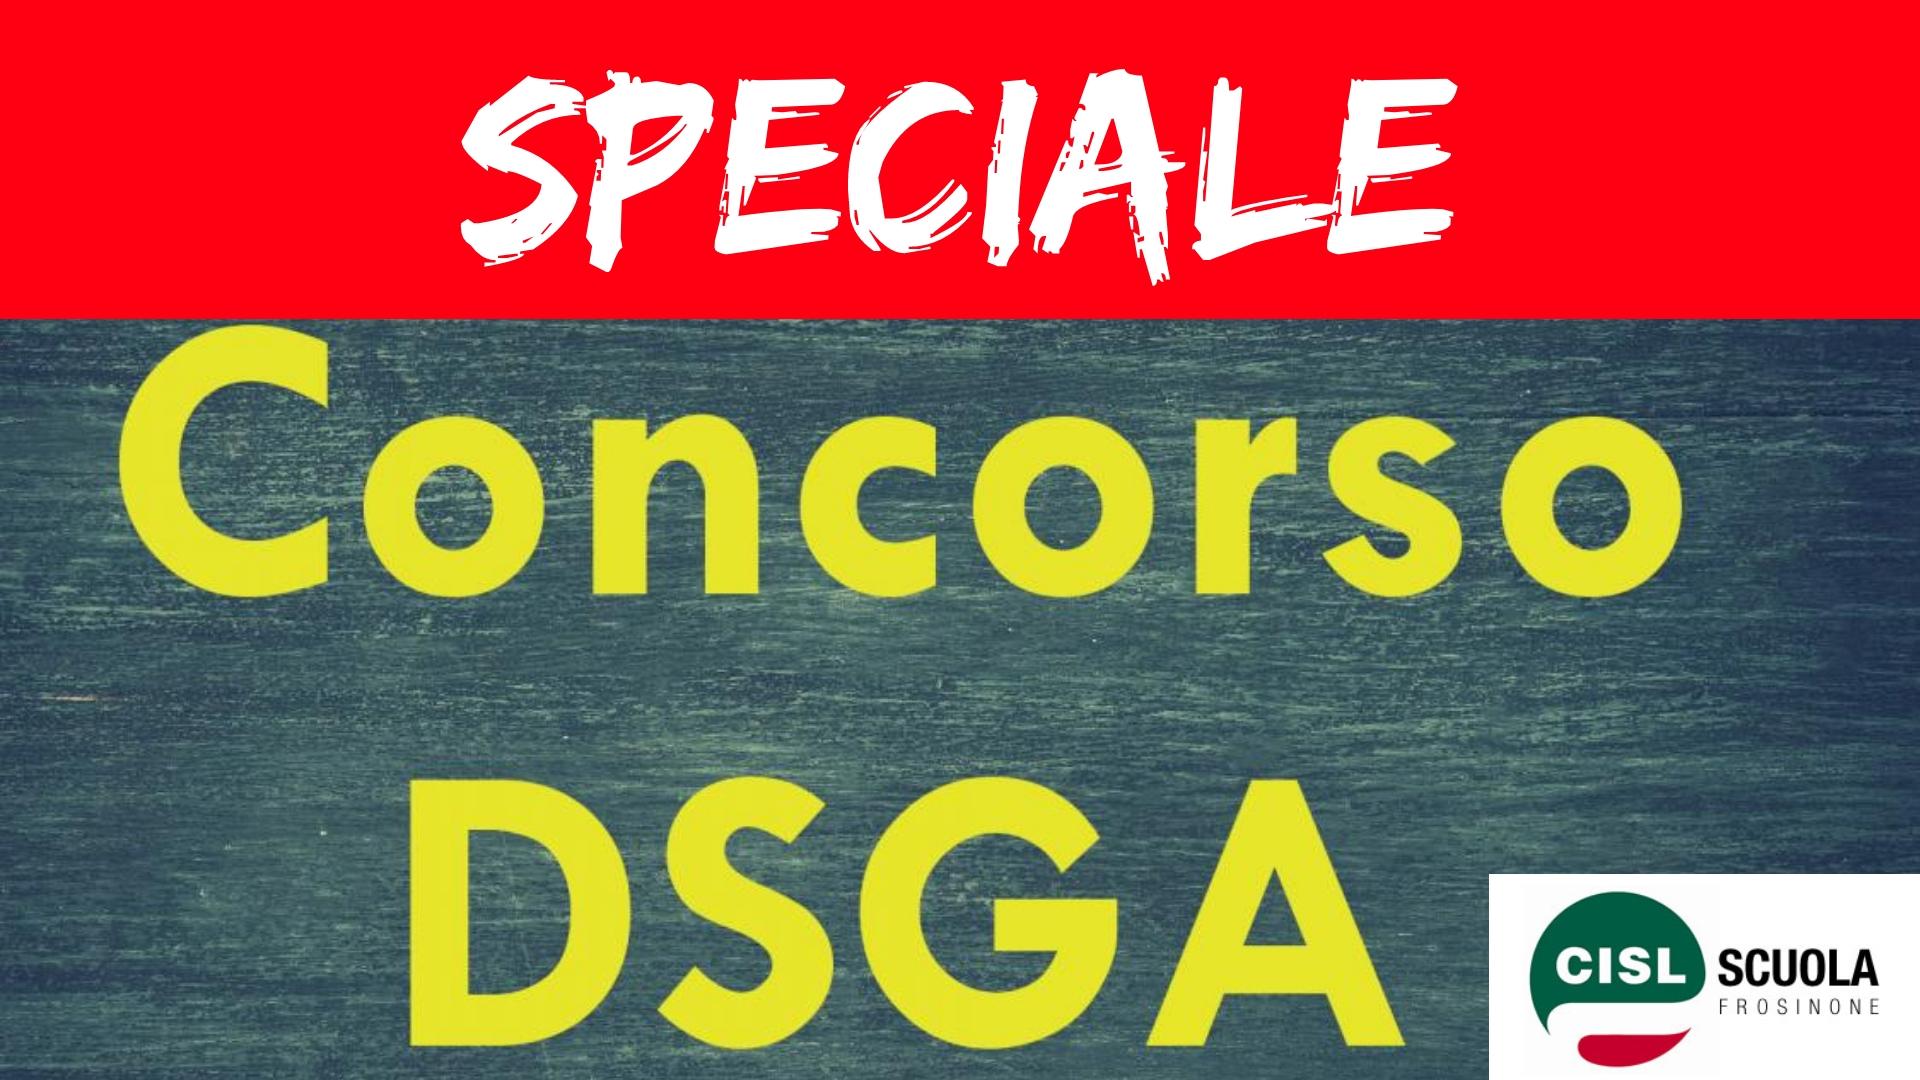 Speciale Concorso DSGA FRosinone